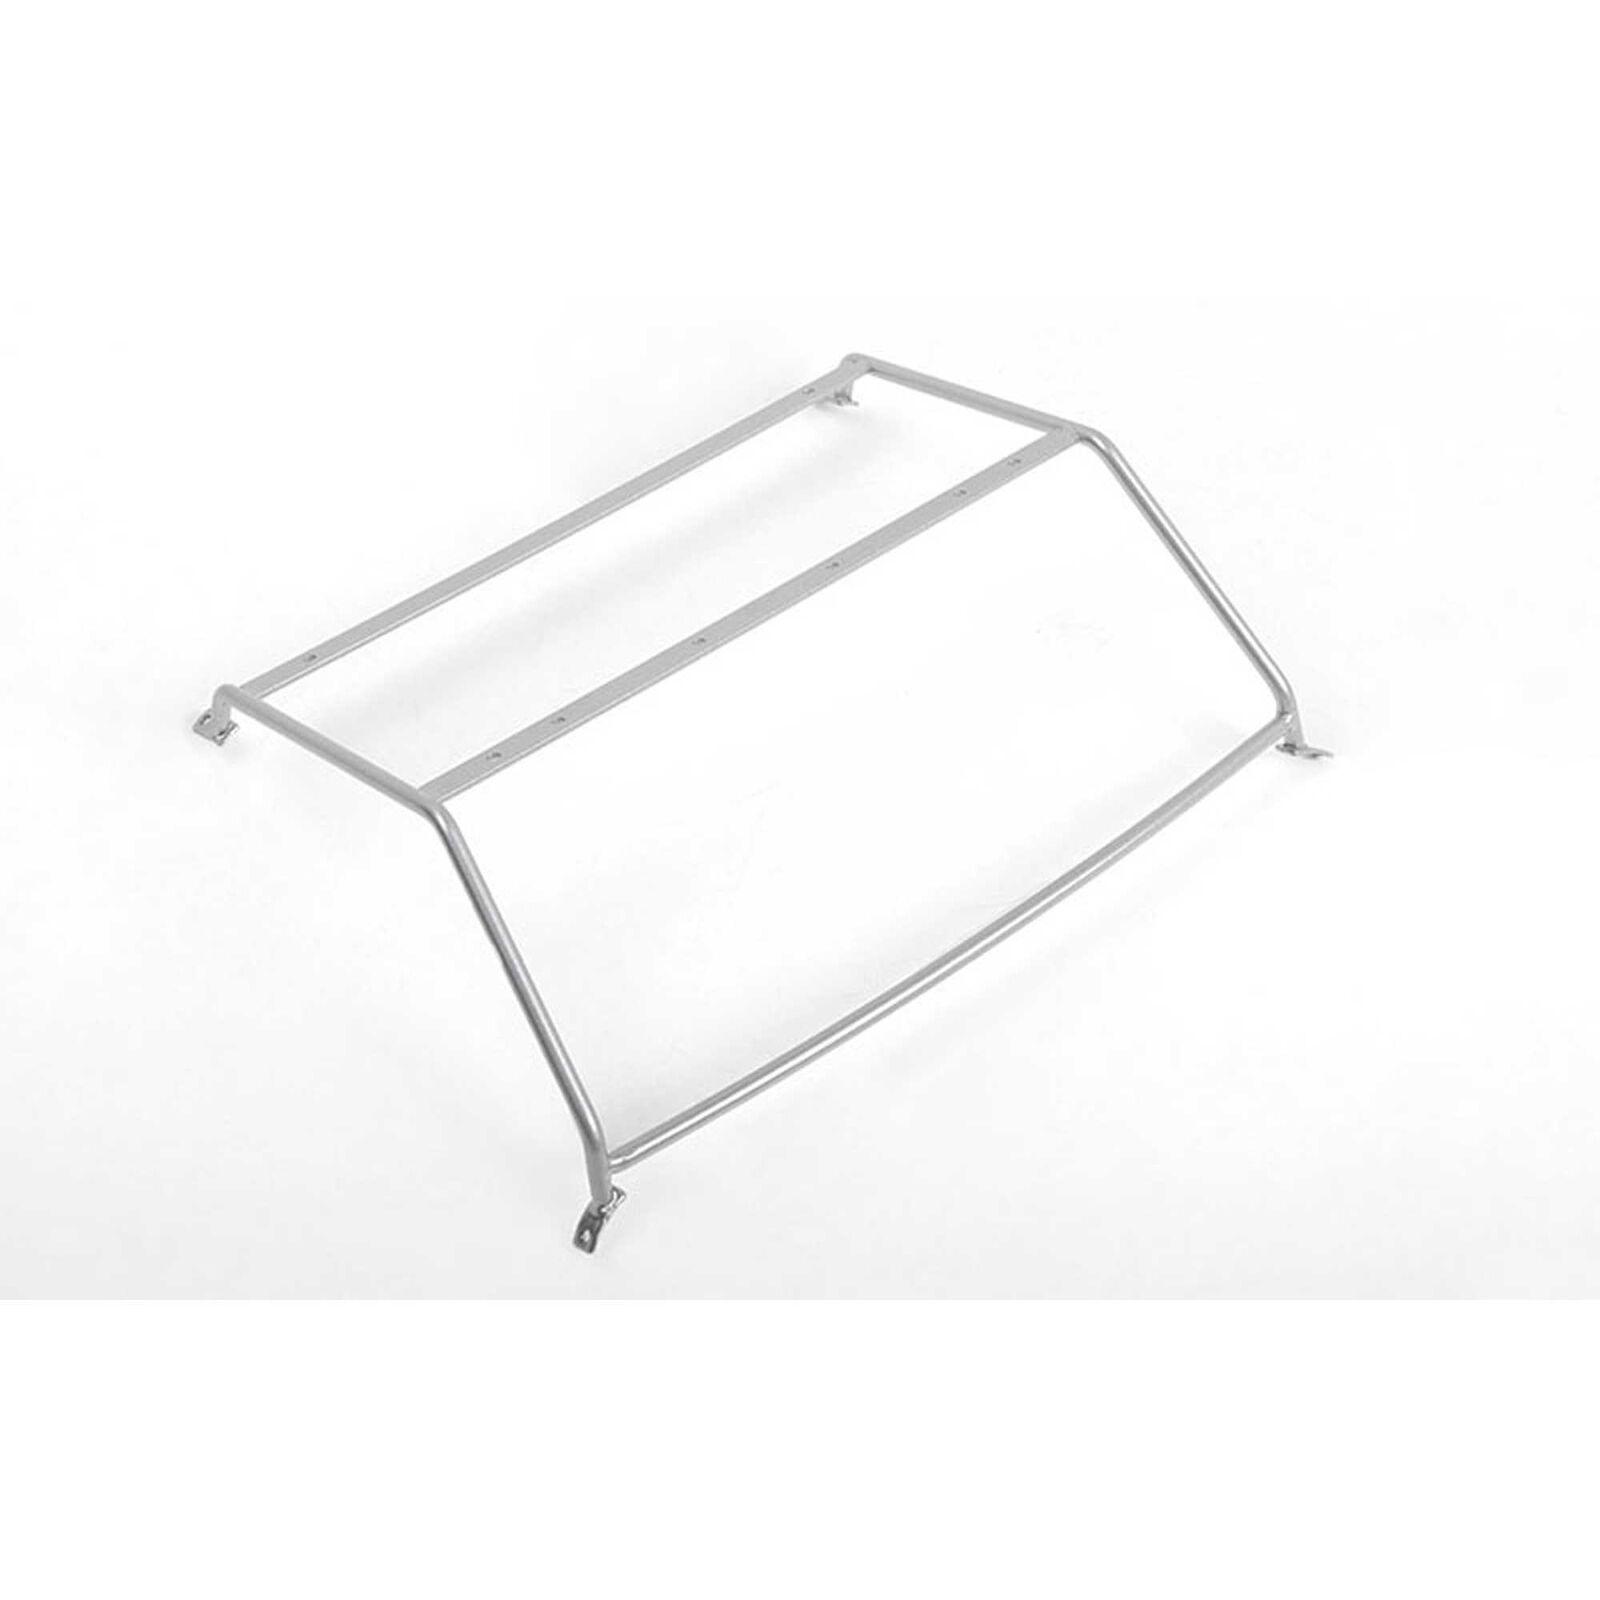 Exterior Steel RollCage-VS4-10 Origin Halfcab Slvr